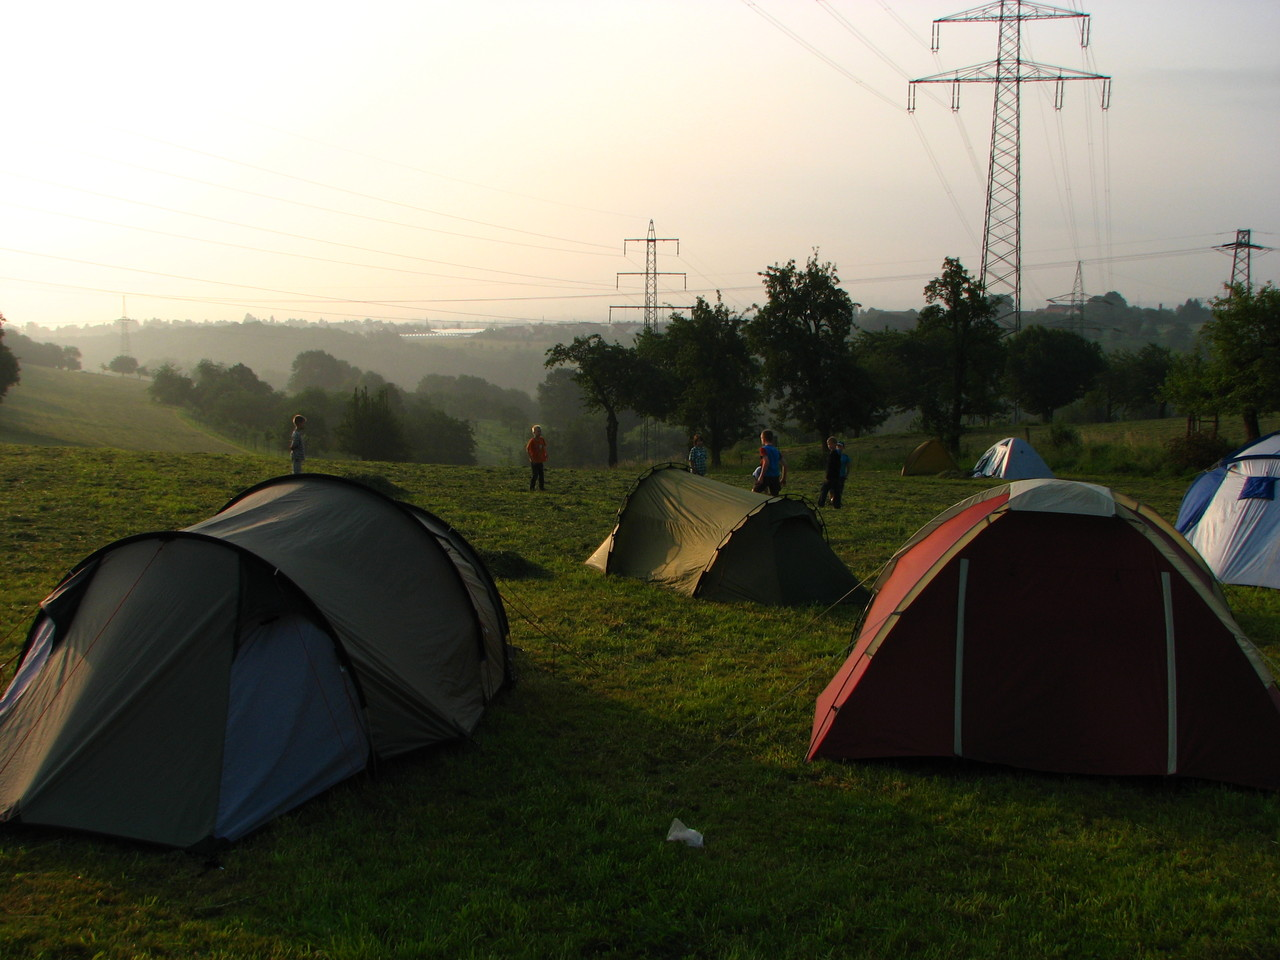 Das Zeltlager im Nebel.